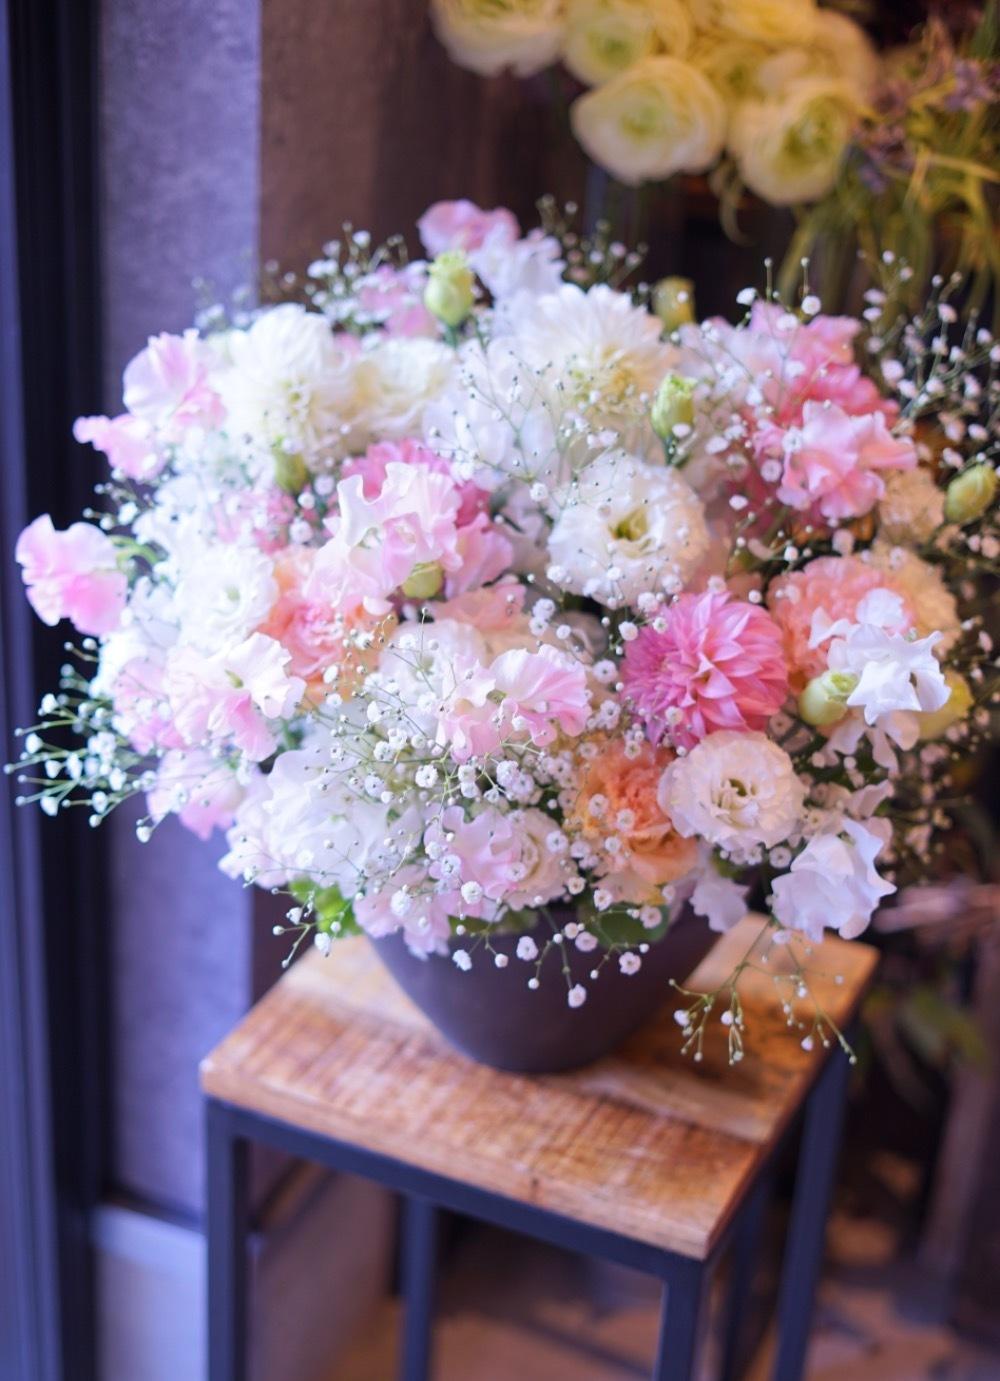 「新たな気持ちでスタートして頂きたい」サロン様周年祝い花